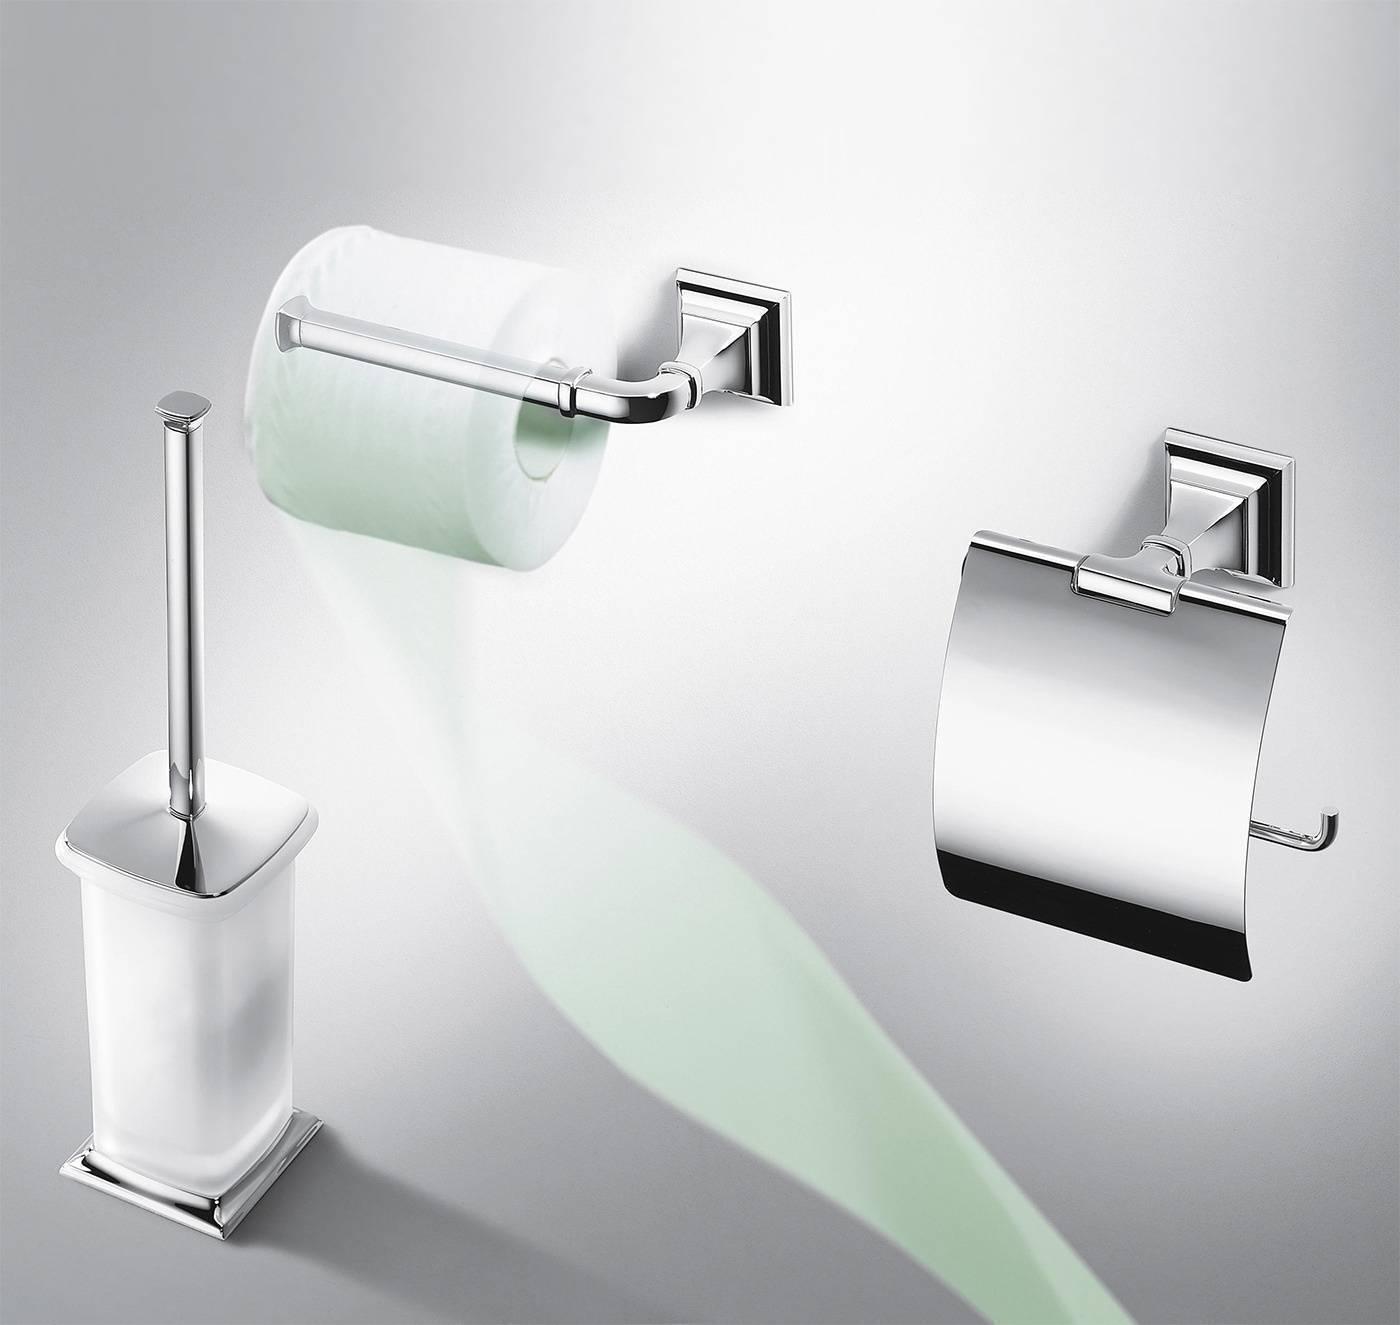 Аксессуары для ванной - основные виды, варианты выбора и обзор самых популярных брендов